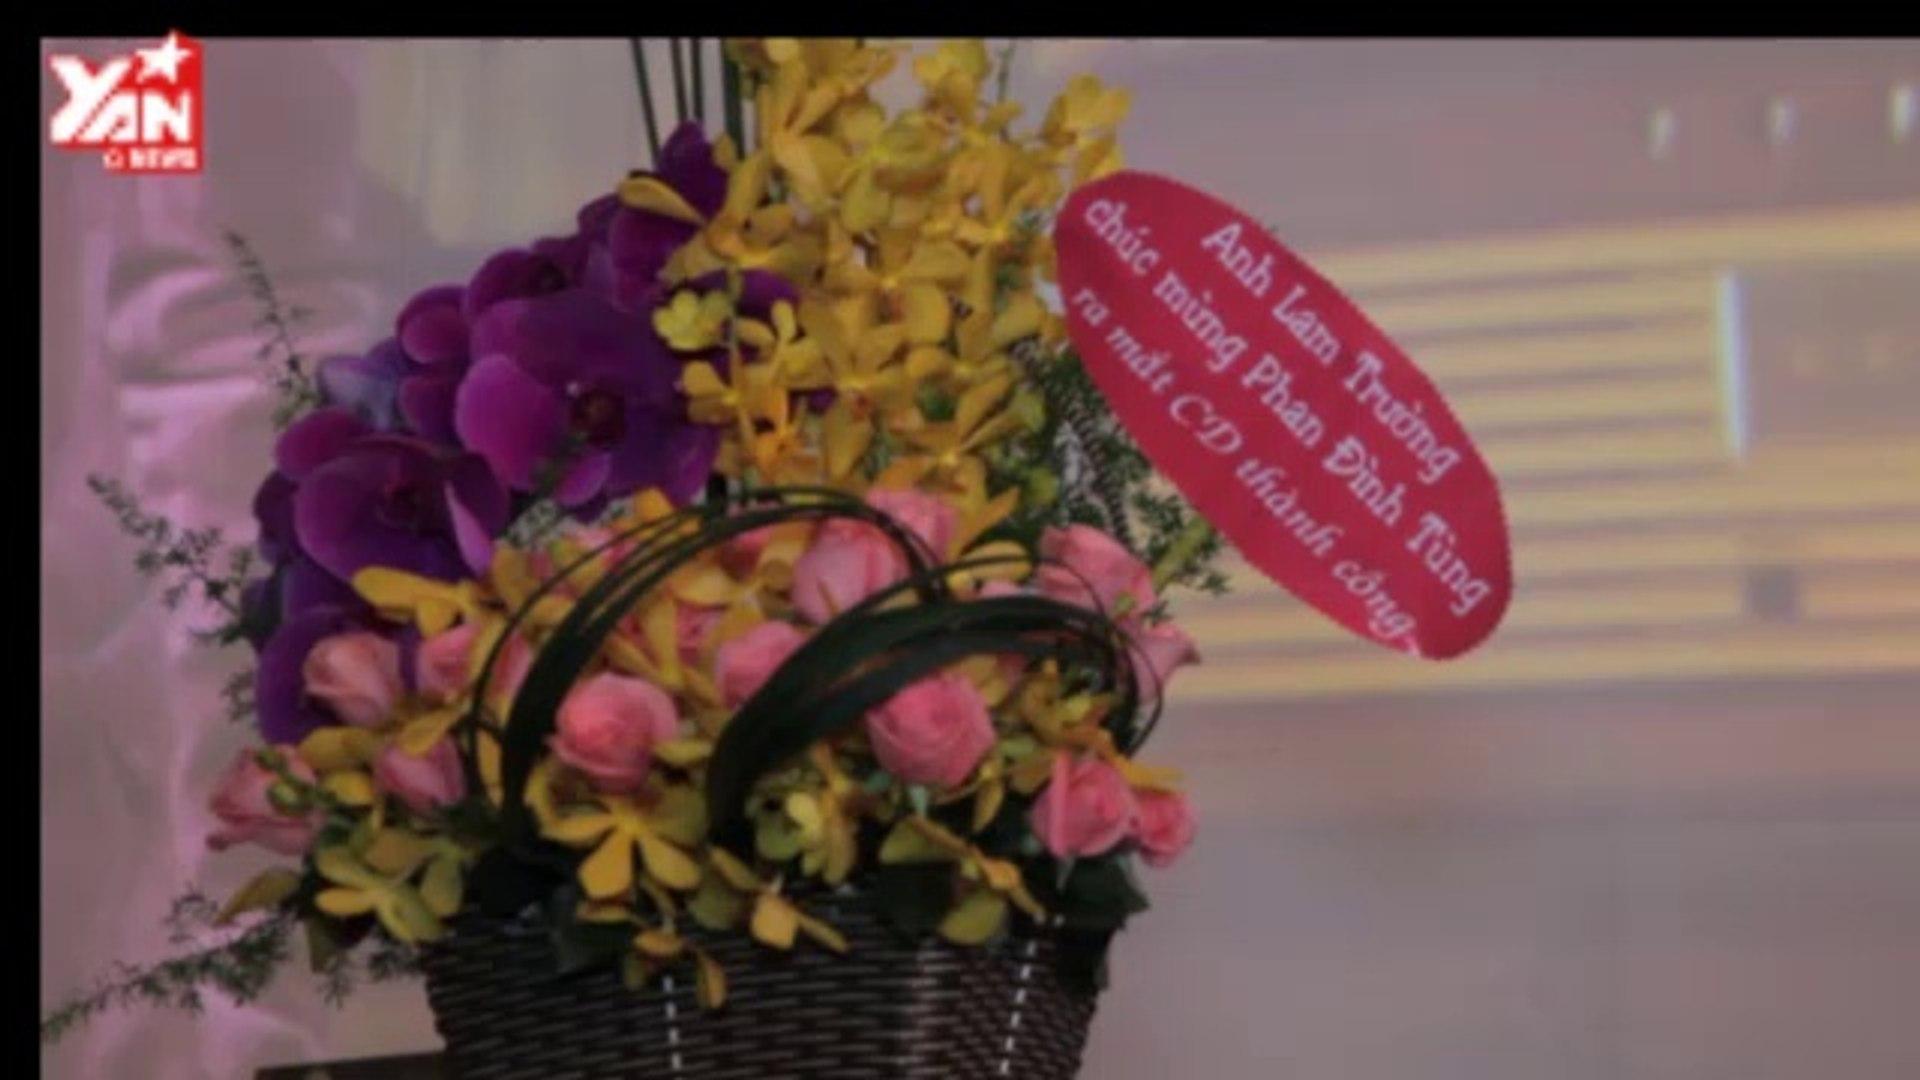 MTV chúc mừng Phan Đinh Tùng hát nhạc xưa